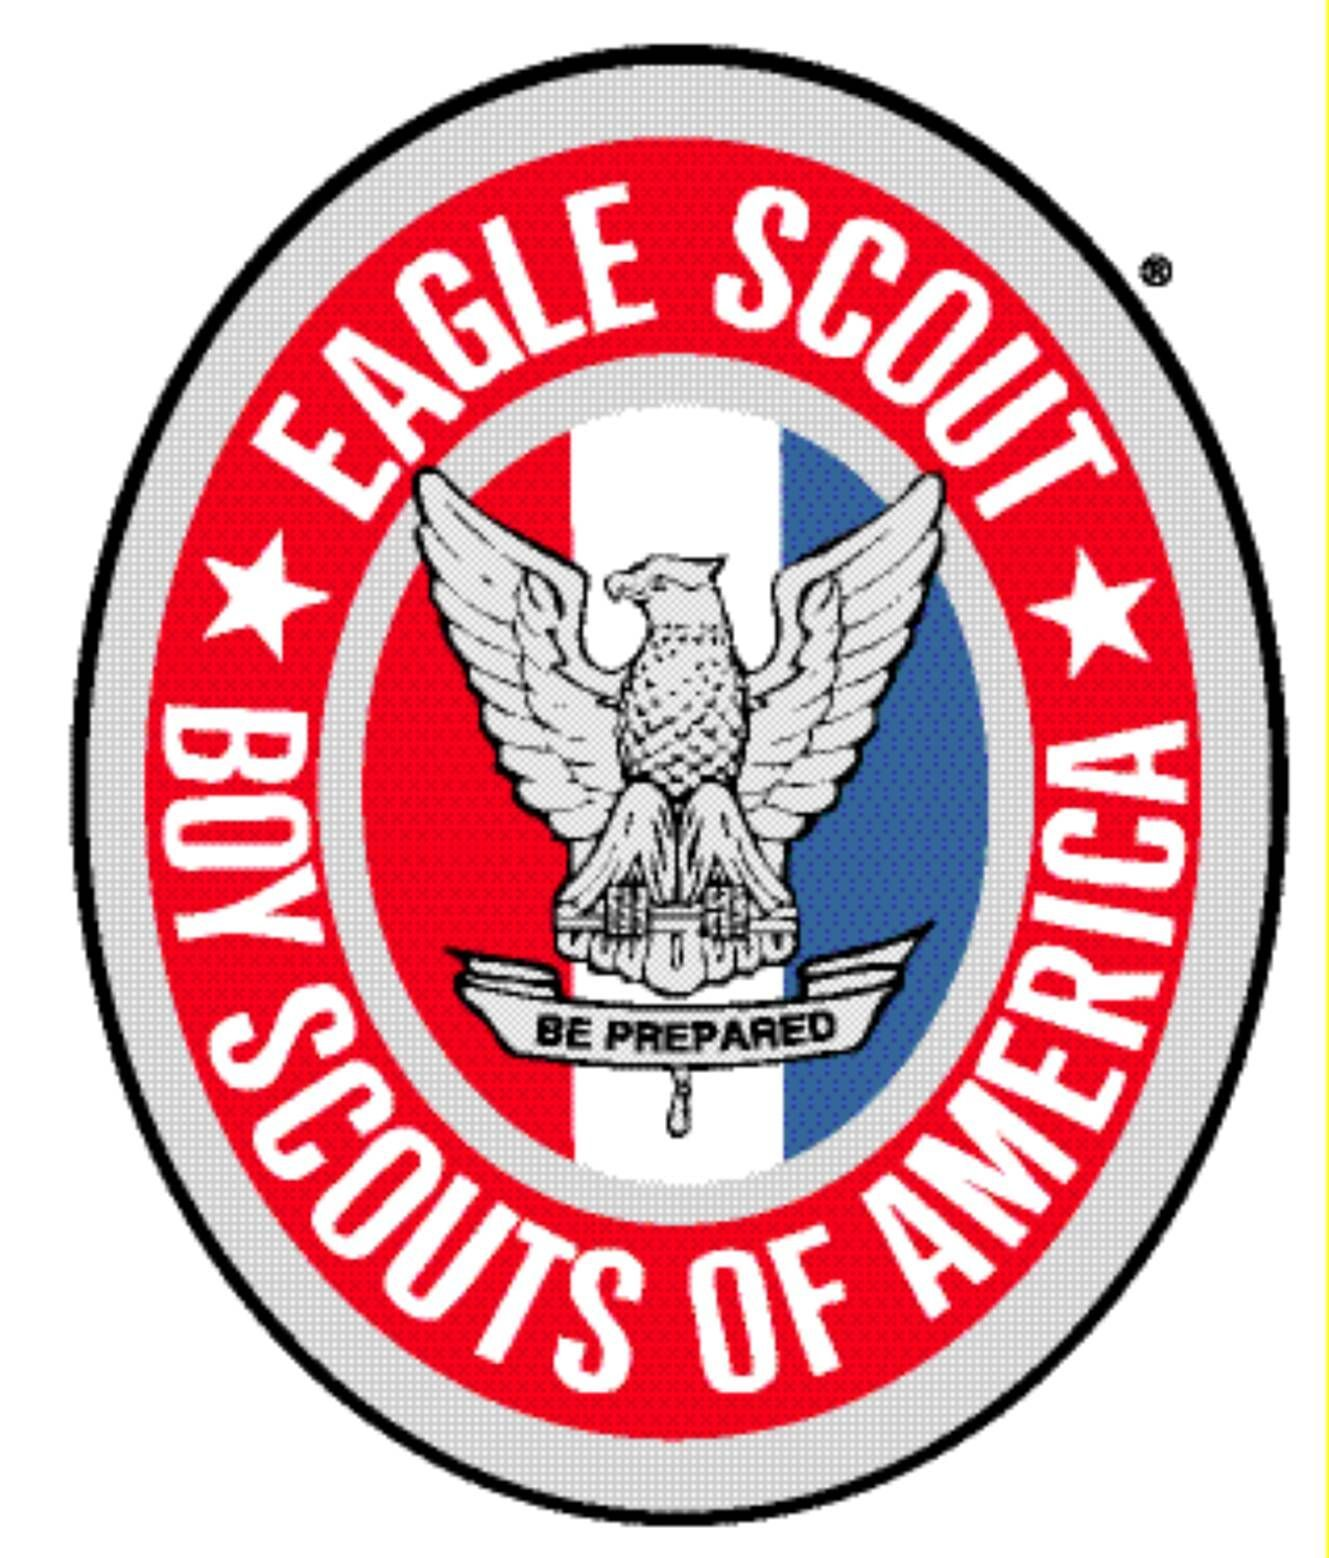 Eagle scout clipart images 3 » Clipart Portal.